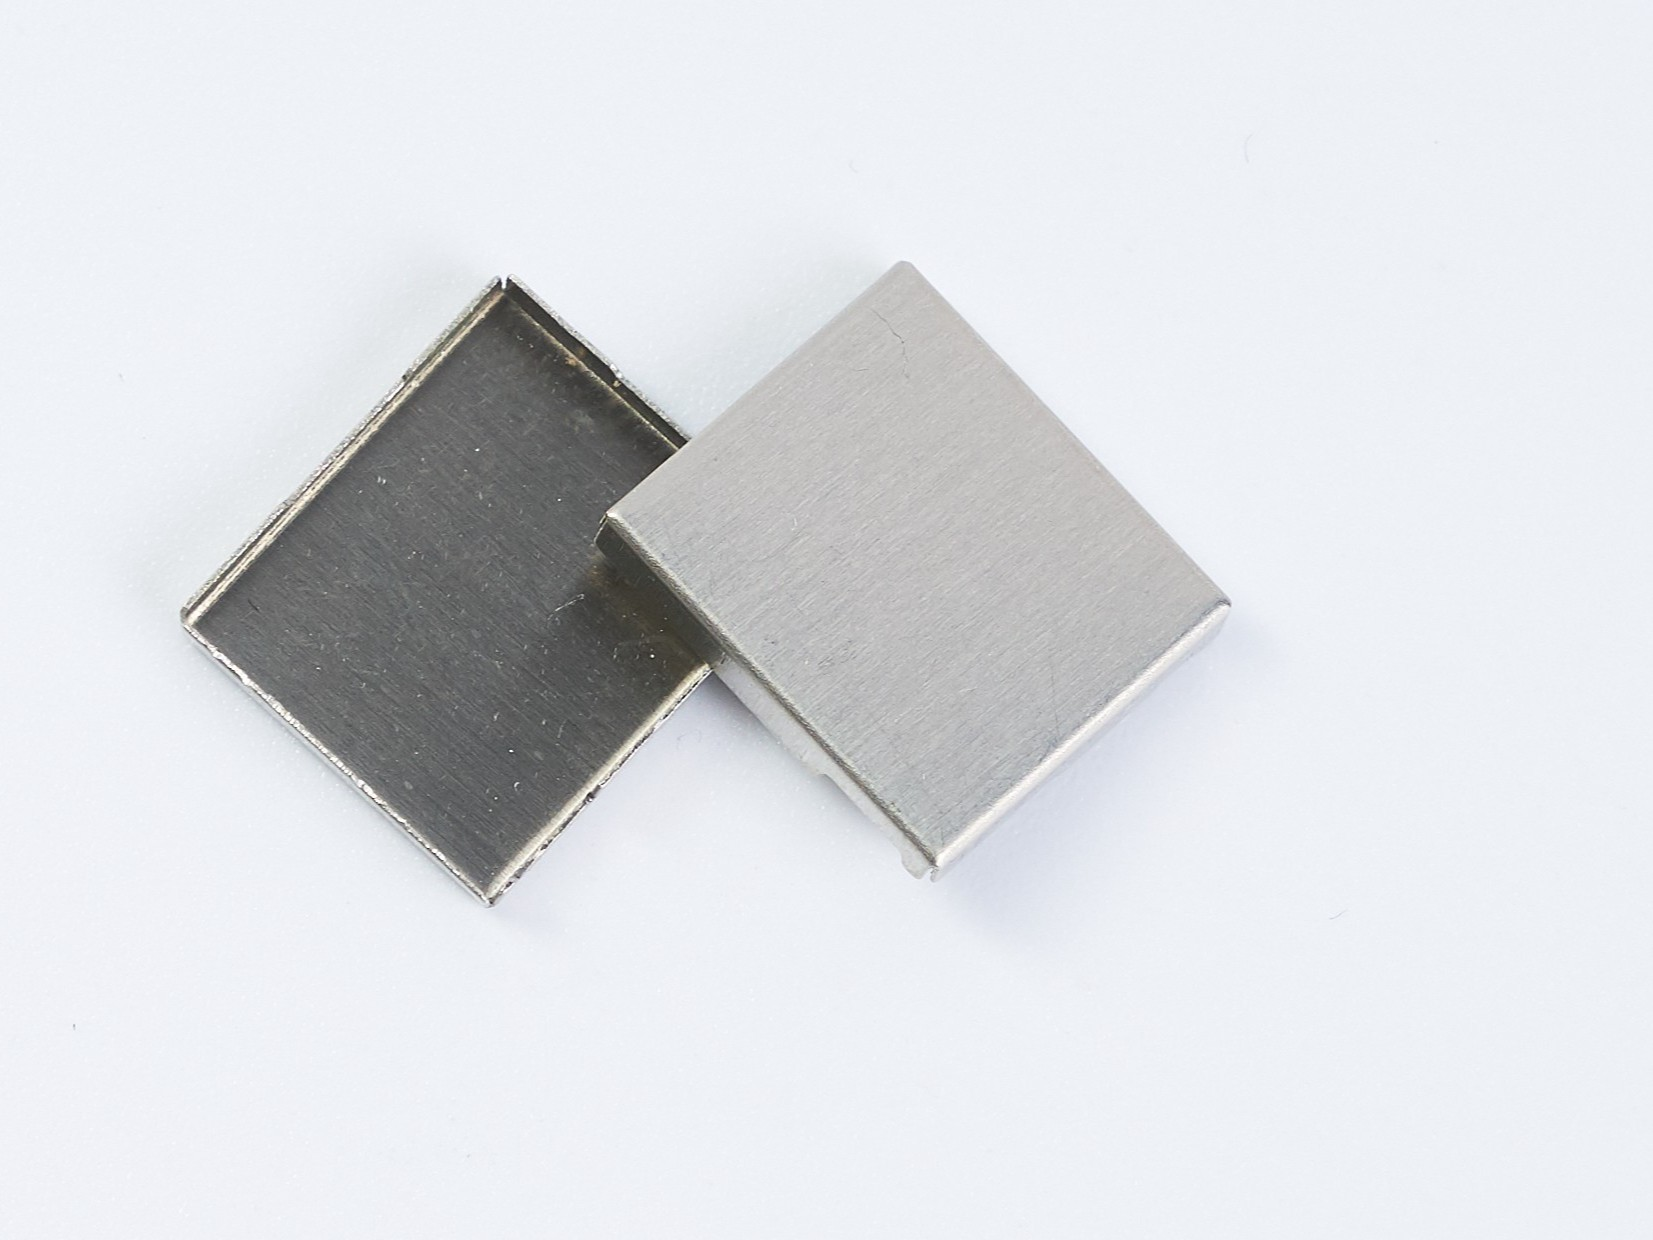 emi电磁屏蔽罩生产厂家-持久耐用价格好-力达精工